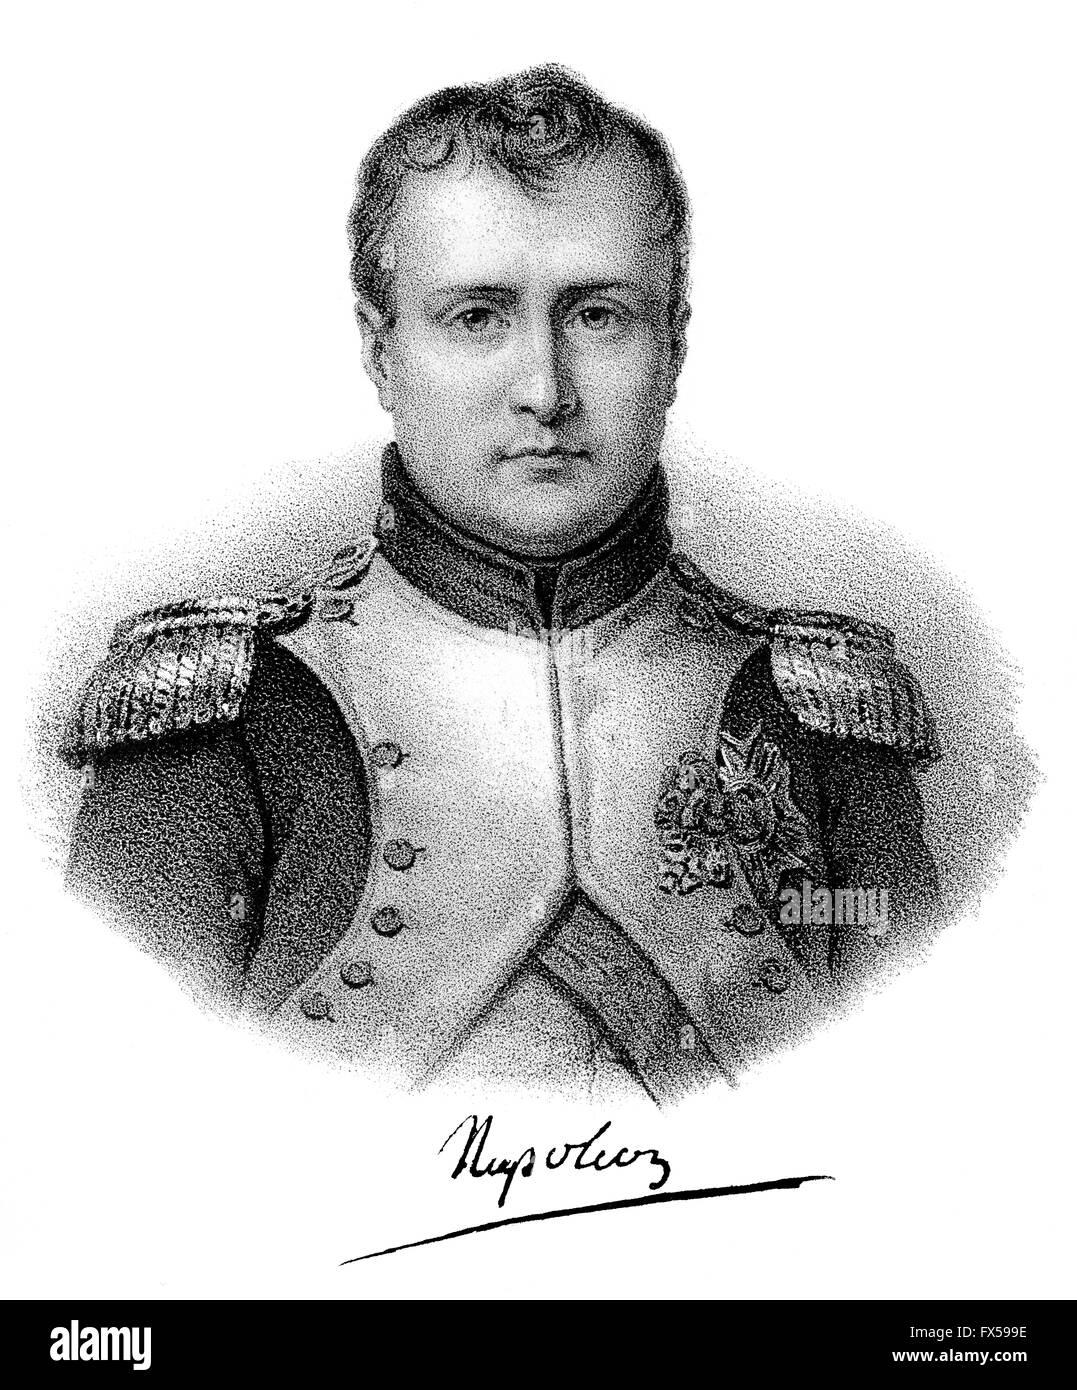 Napoléon Bonaparte, 1769-1821, Emperor of the French as Napoleon I - Stock Image